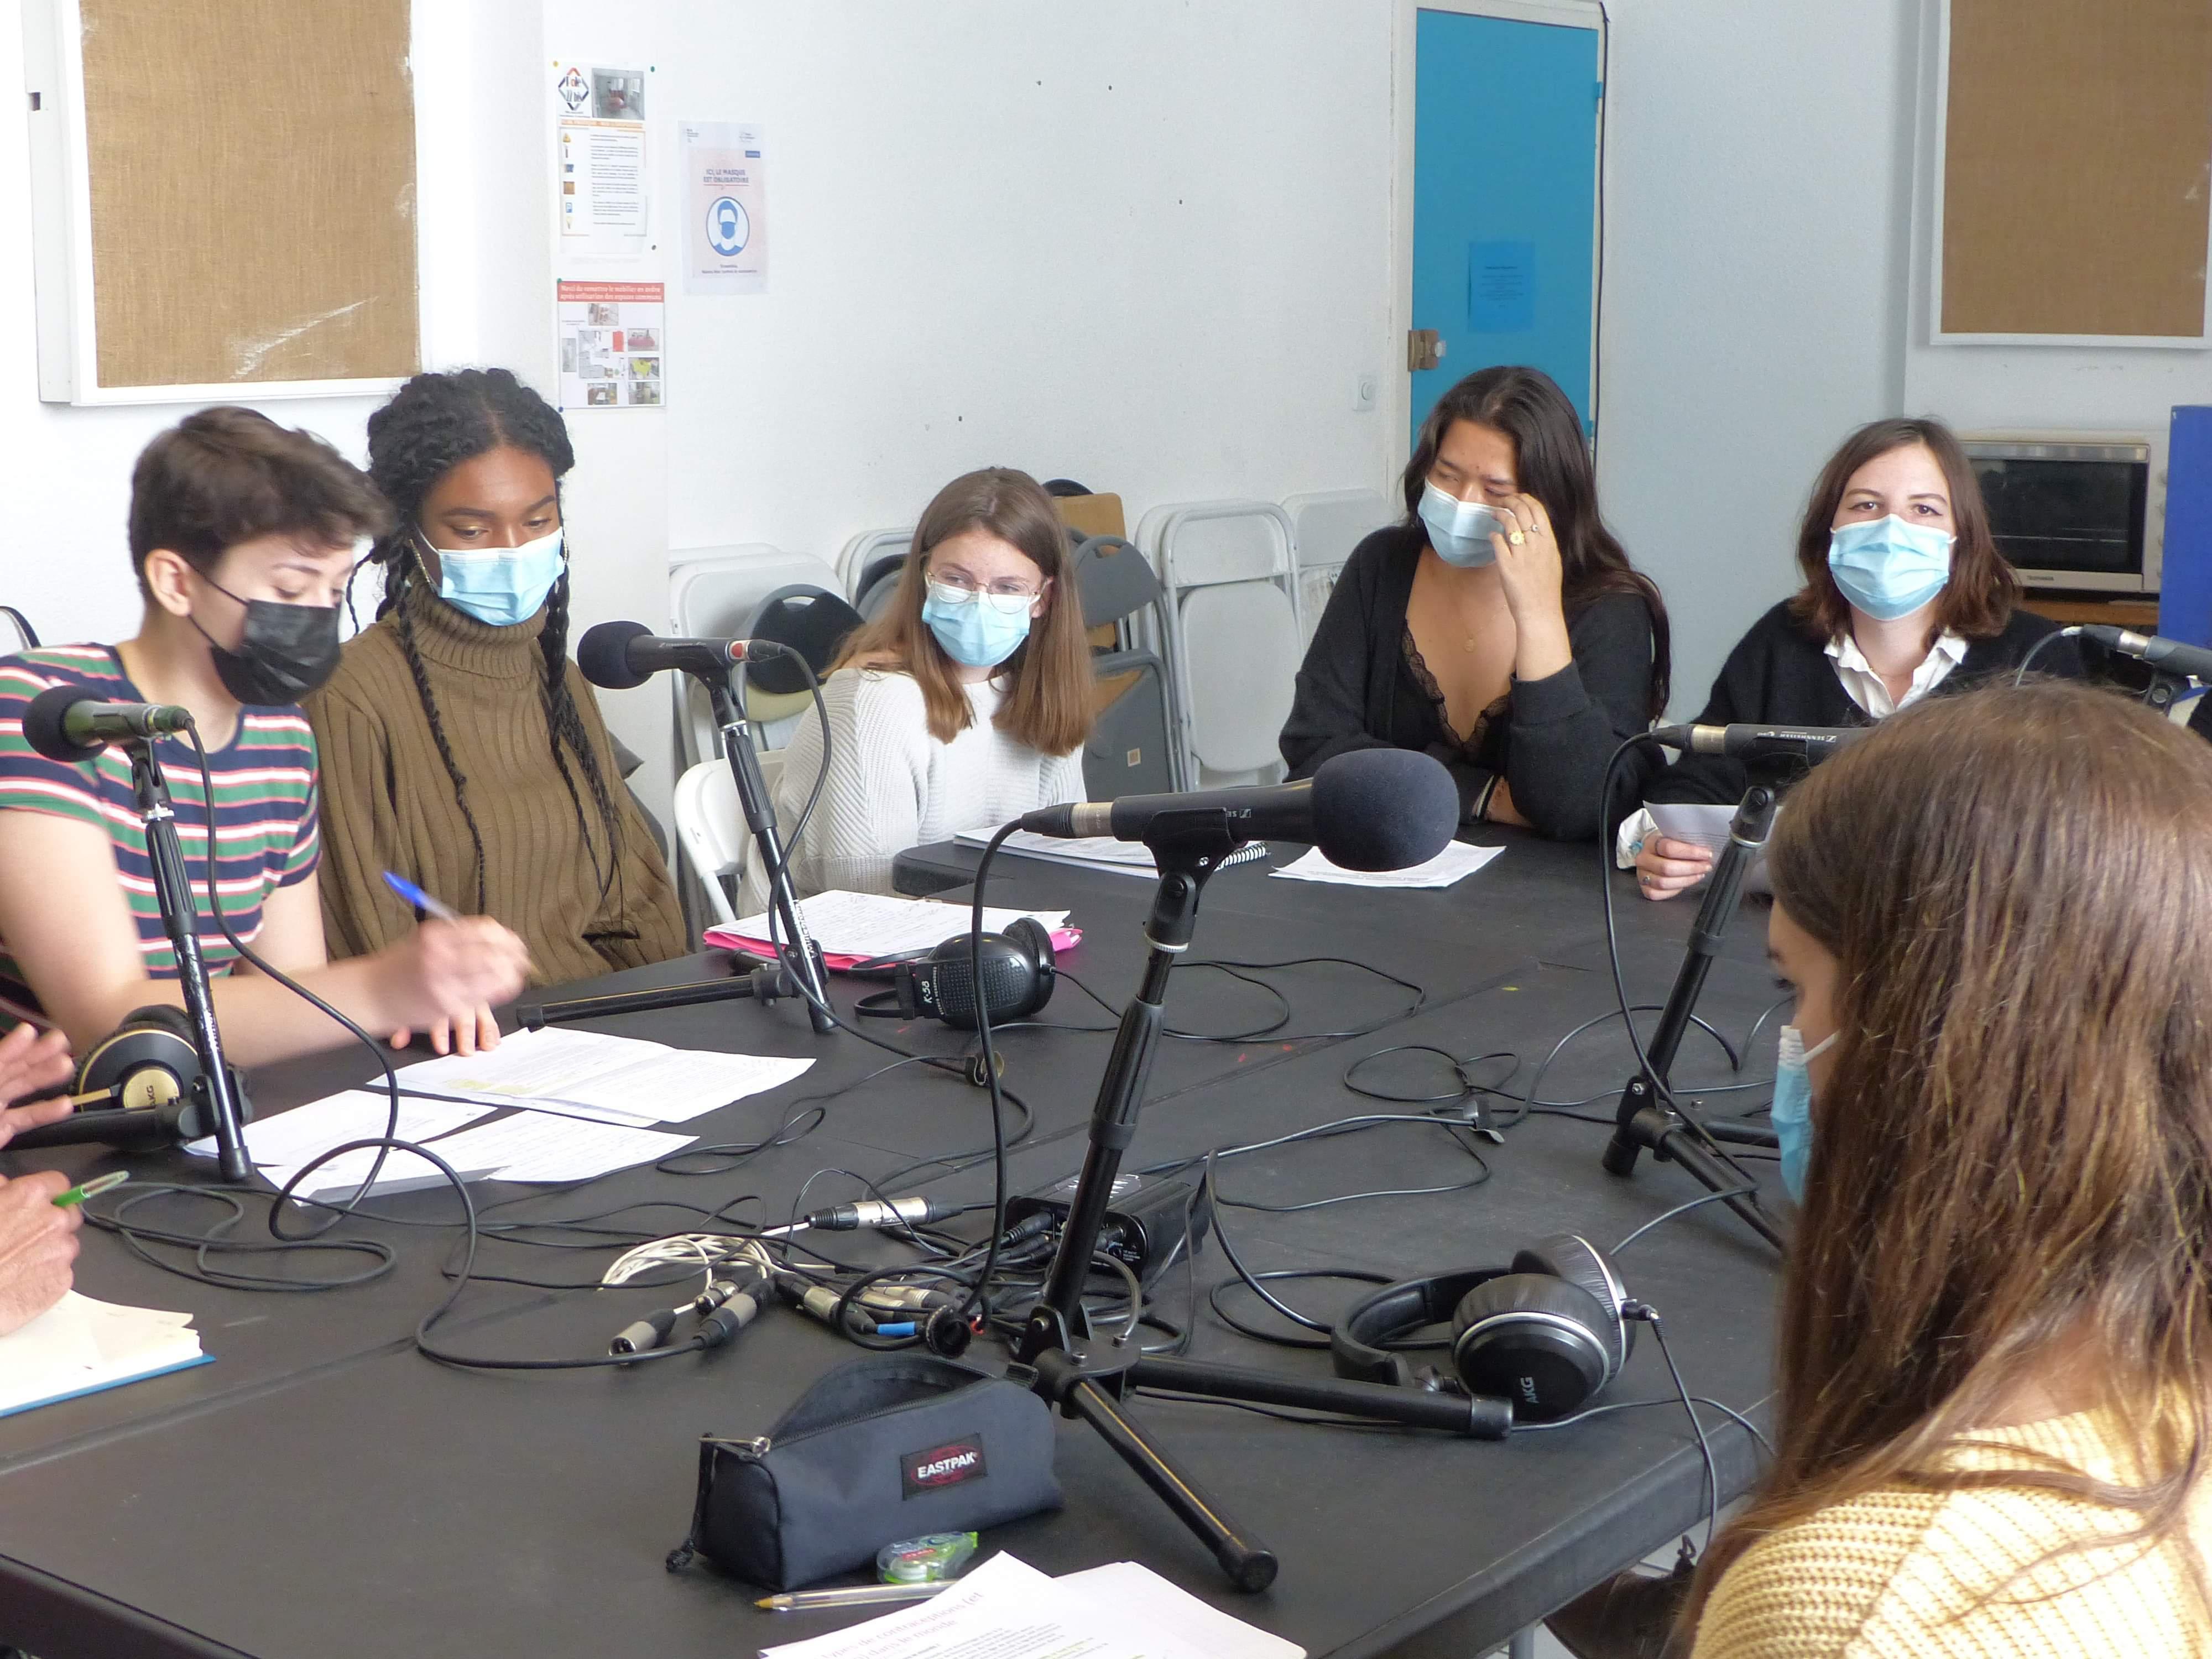 Les lycéennes ont réalisé une première émission de radio sur une station au public constitué d'ado et d'étudiants